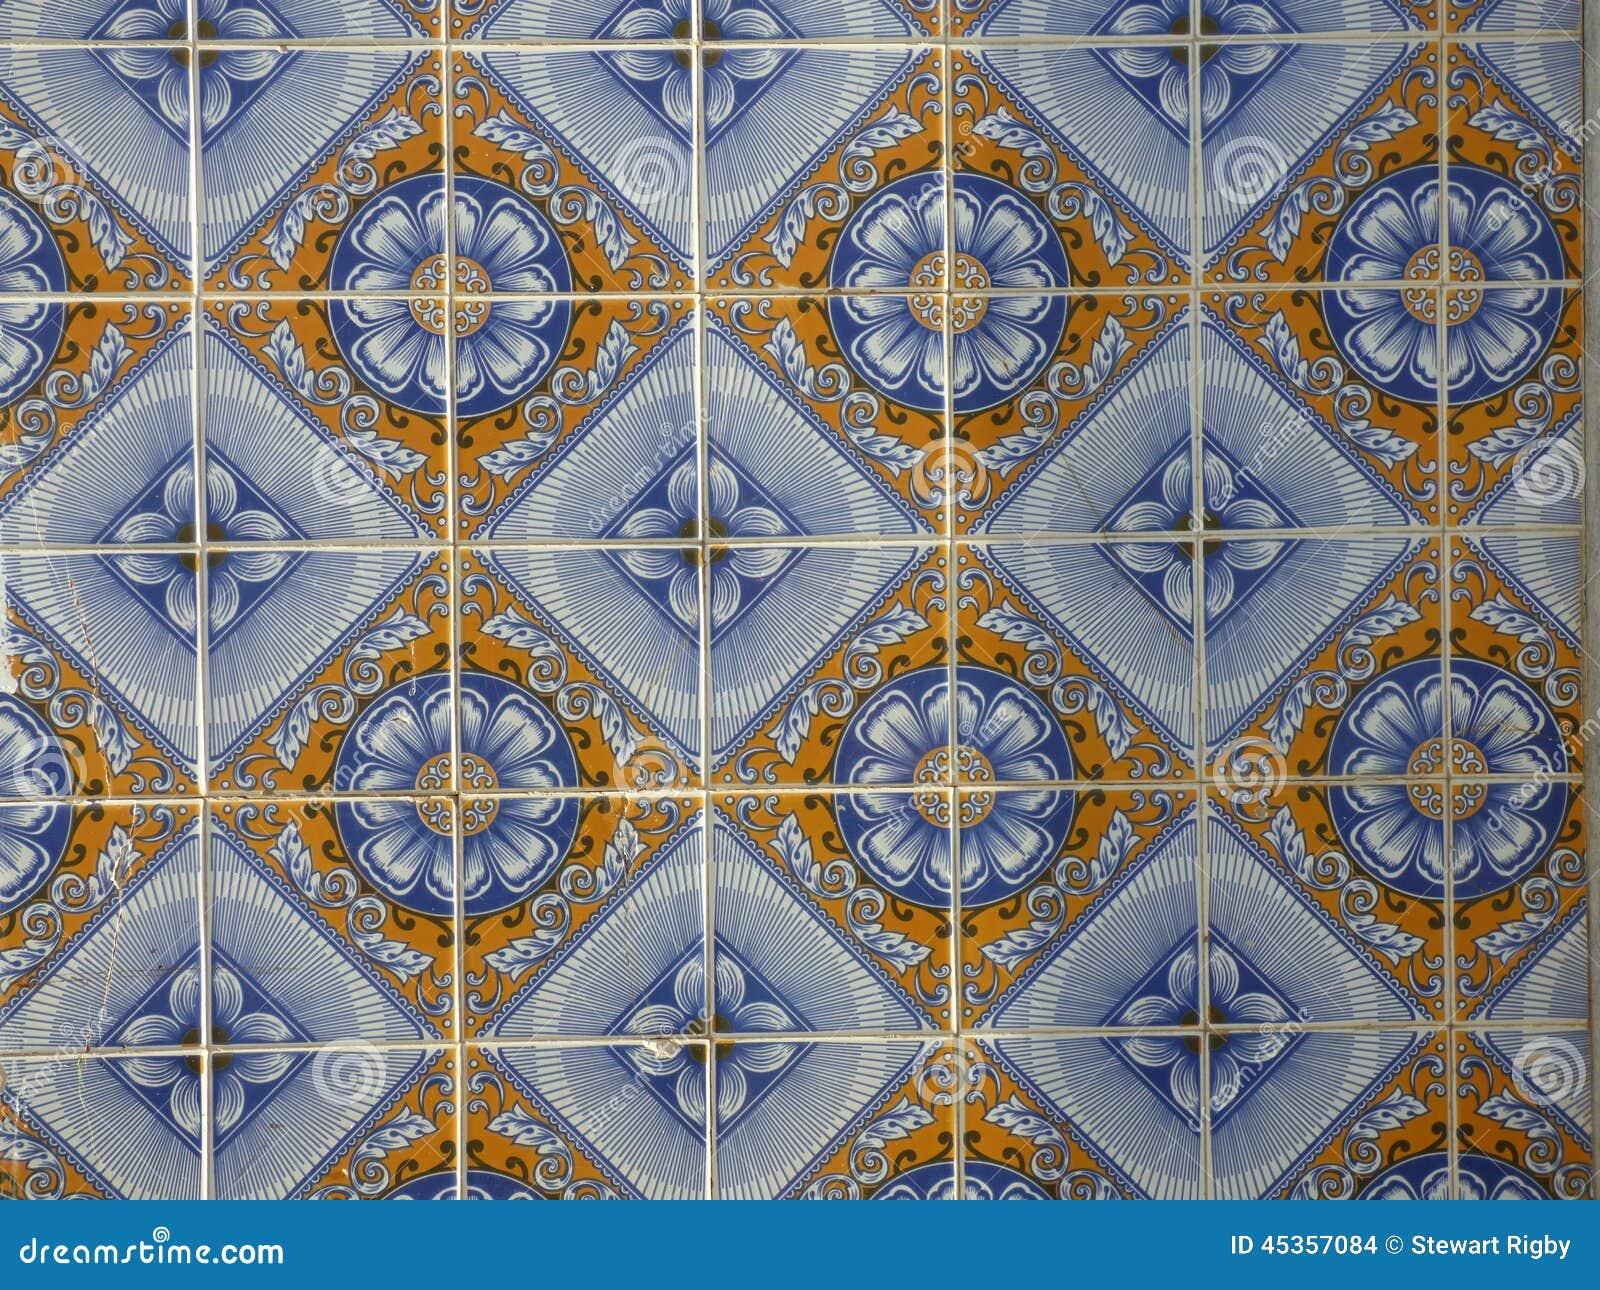 Piastrelle di ceramica portoghesi tradizionali fotografia - Piastrelle di ceramica ...